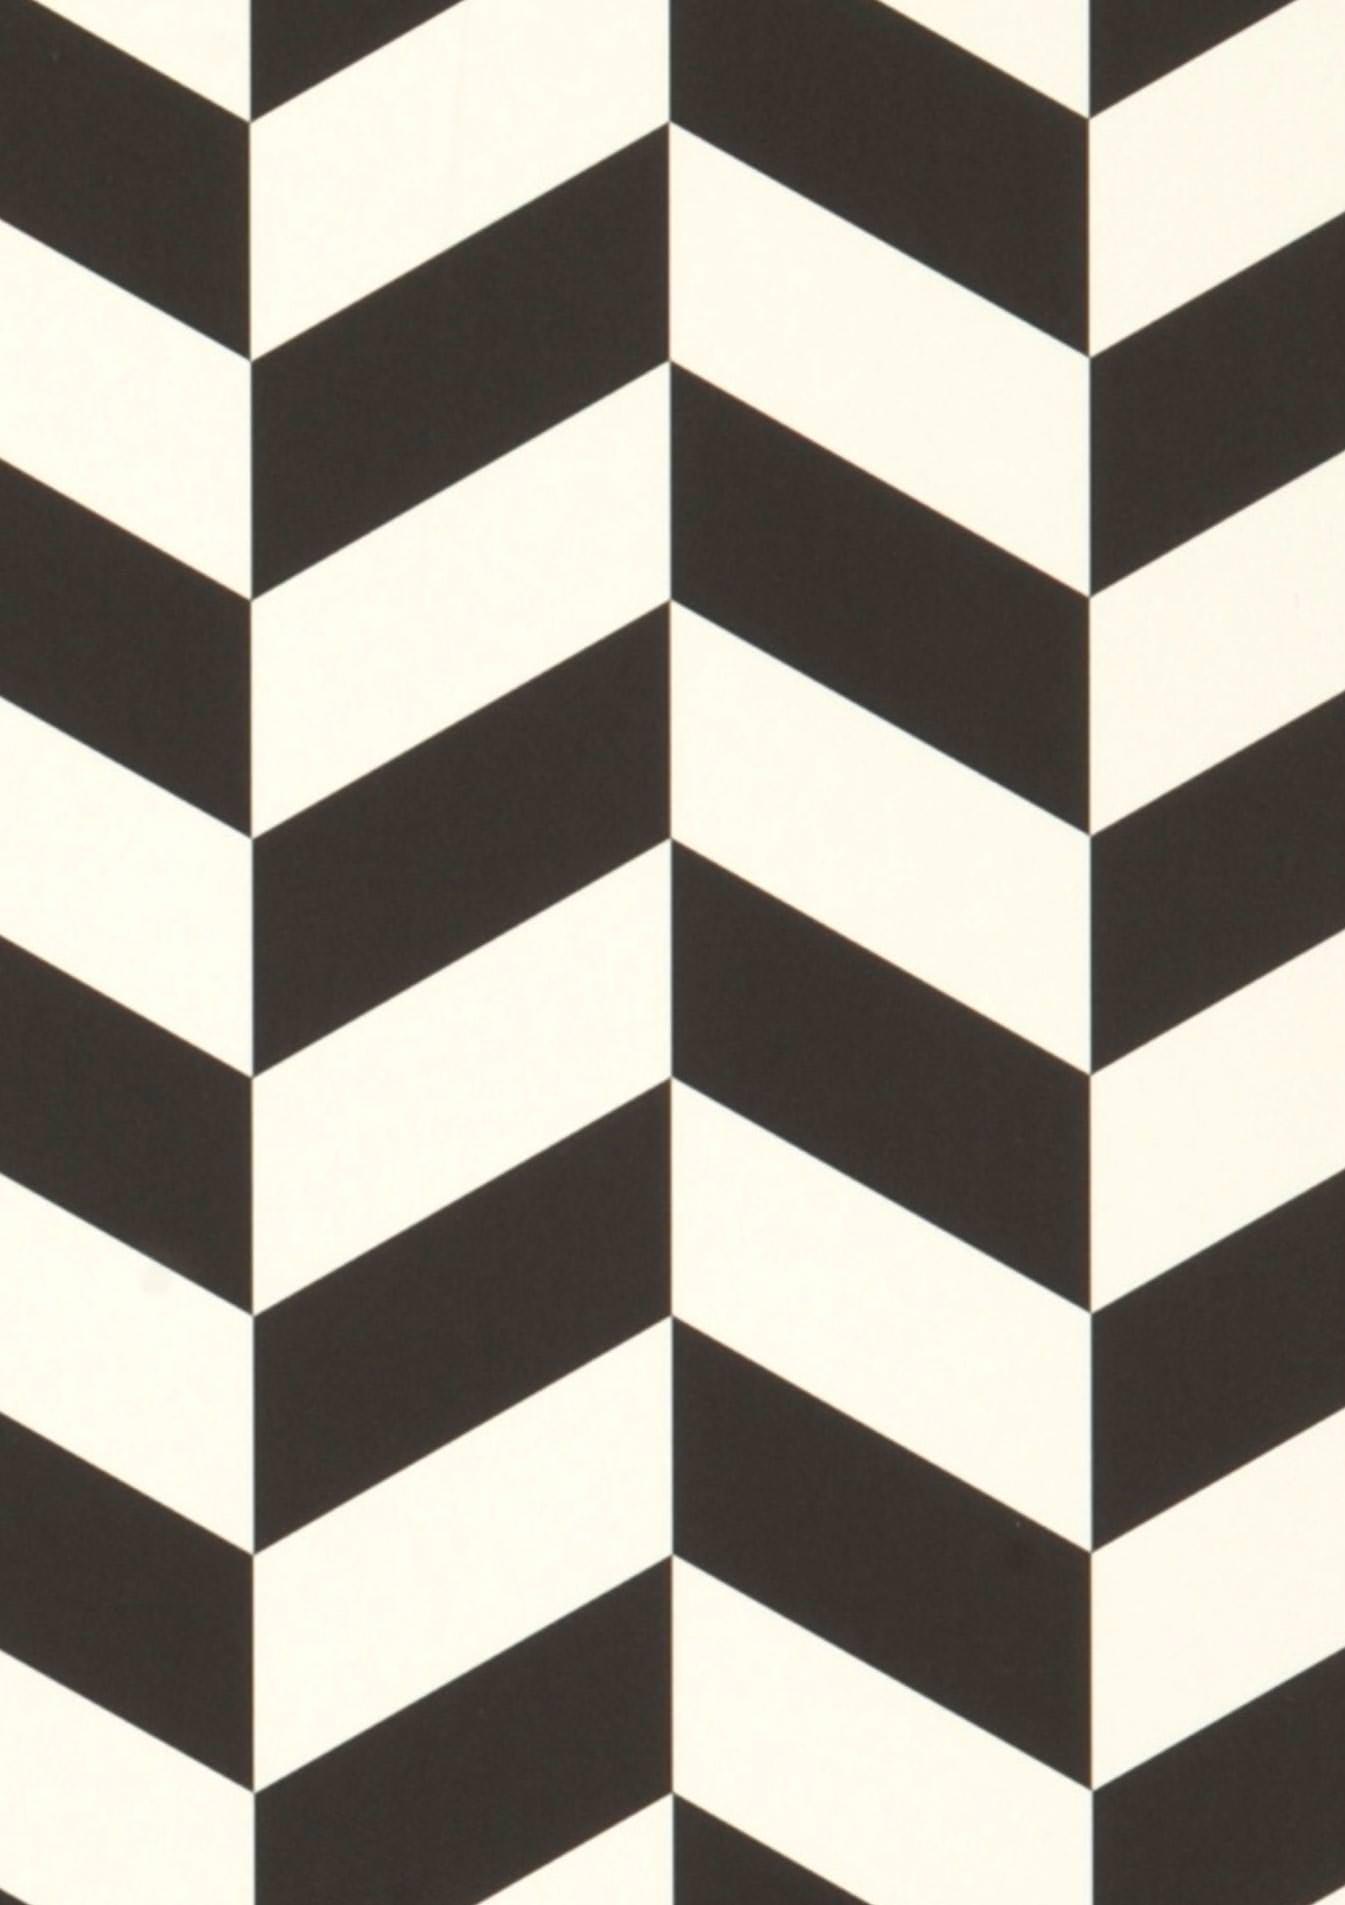 angle blanc cr me noir papier peint g om trique motifs du papier peint papier peint. Black Bedroom Furniture Sets. Home Design Ideas